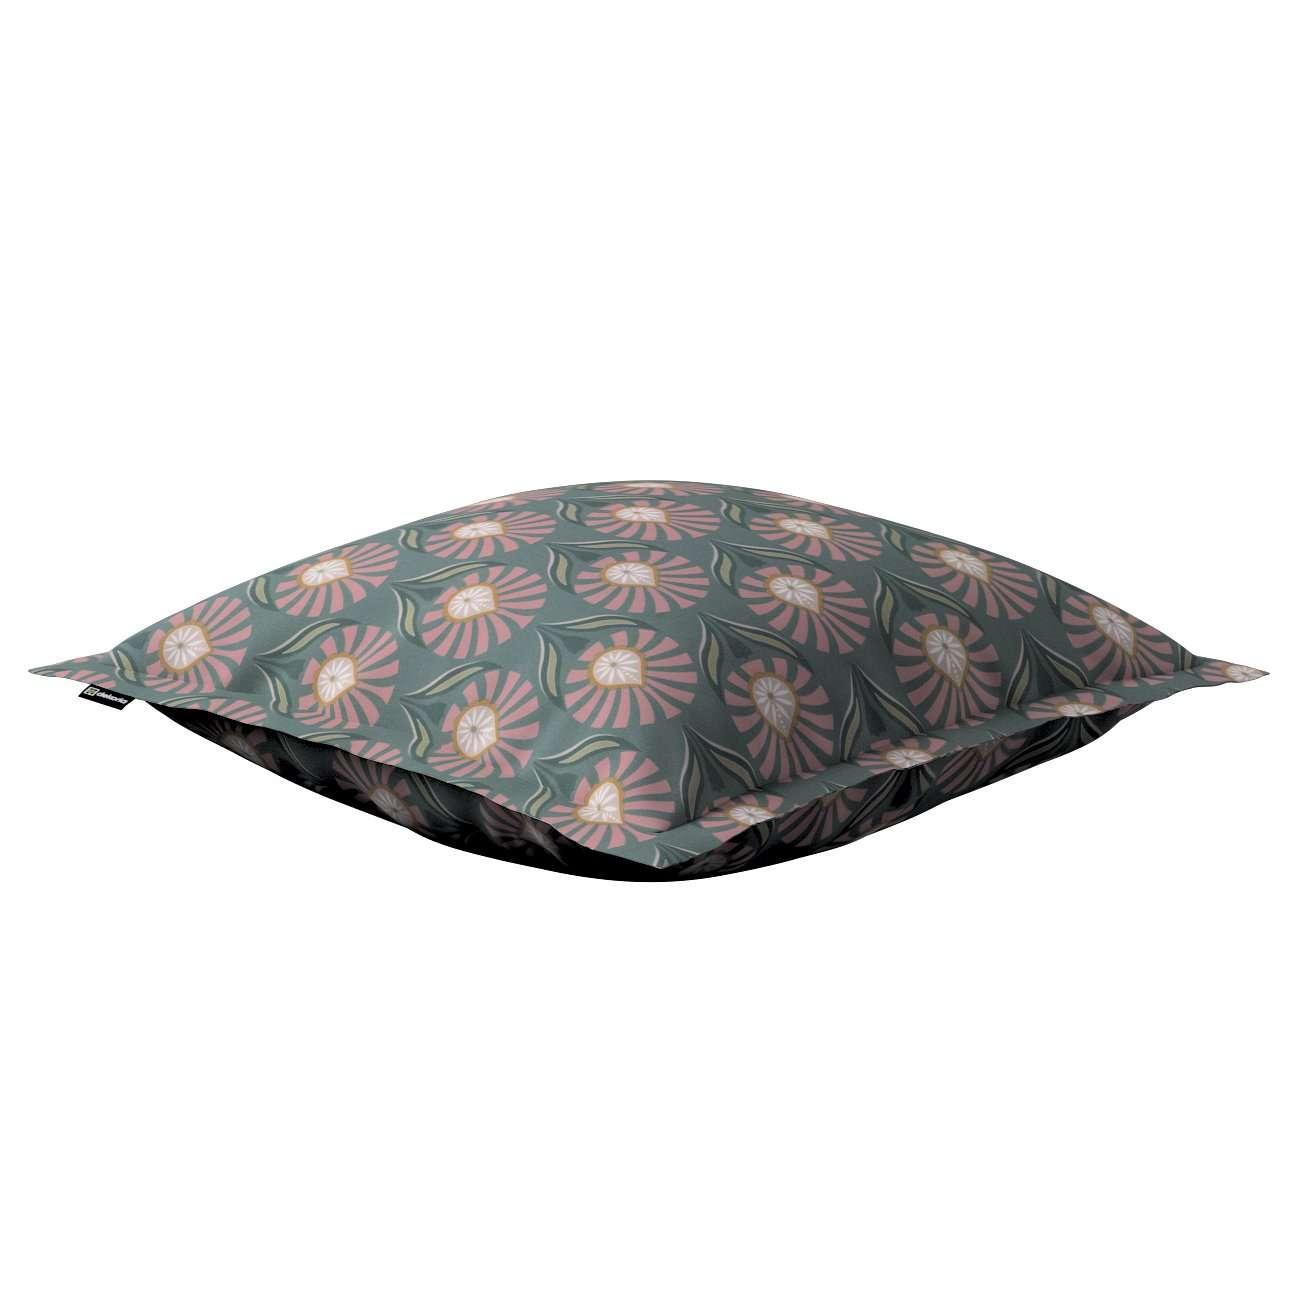 Poszewka Mona na poduszkę w kolekcji Gardenia, tkanina: 142-17